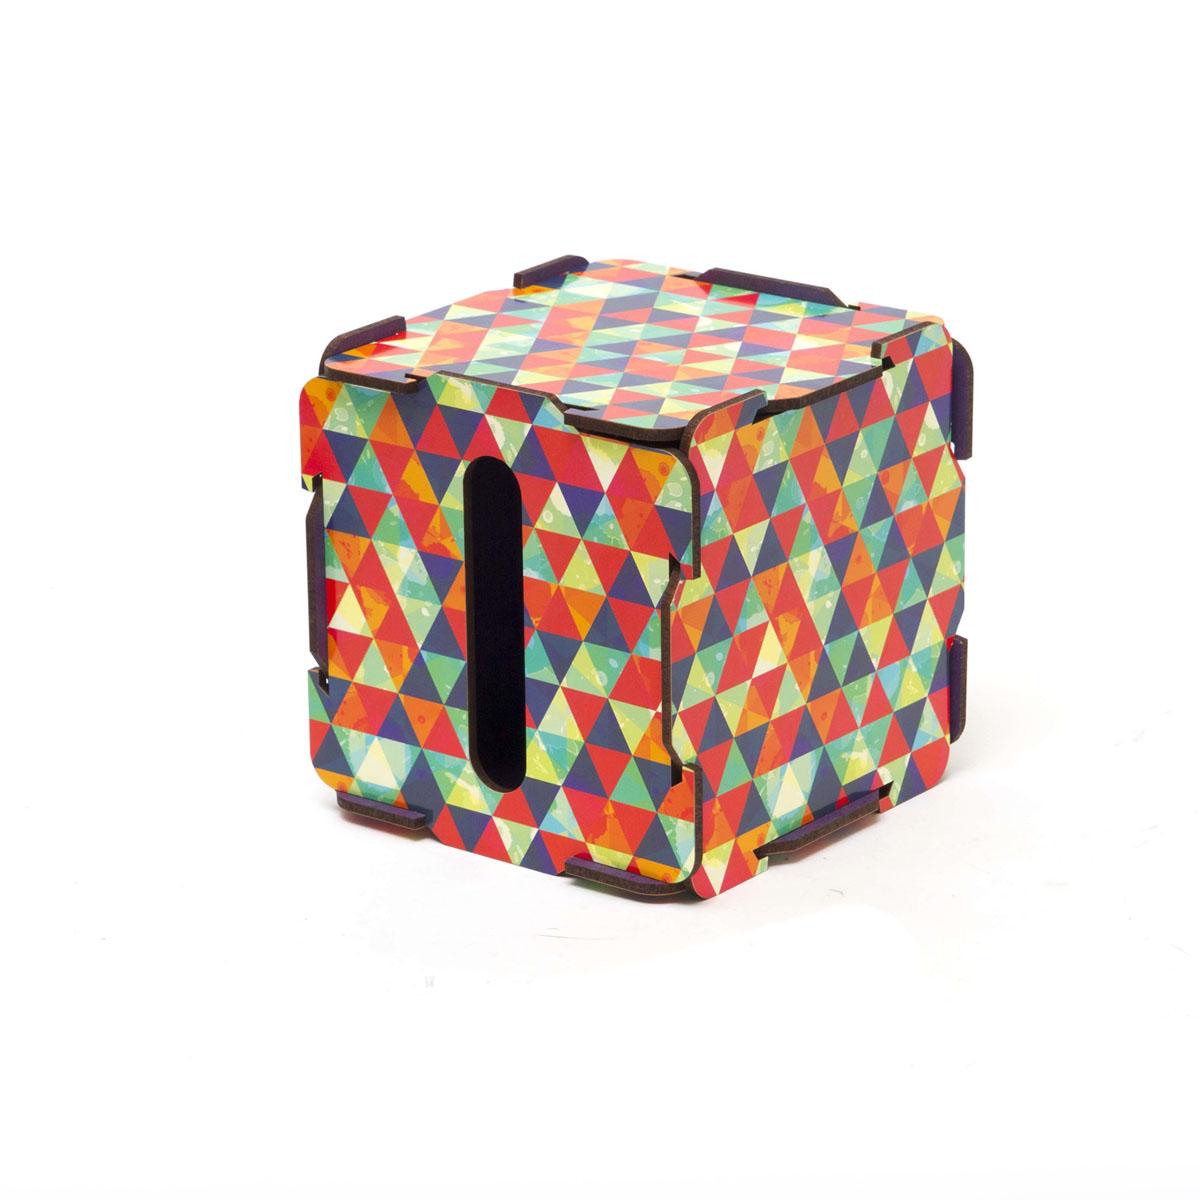 Органайзер настольный Homsu Треугольник, 13,5 x 13,5 x 13,5 см74-0060Органайзер настольный Homsu Треугольник выполнен из МДФ. Настольный органайзер в прямоугольной форме - это способ хранения салфеток, но и других принадлежностей. Яркий дизайн поднимает настроение и радует своими необычными оттенками.